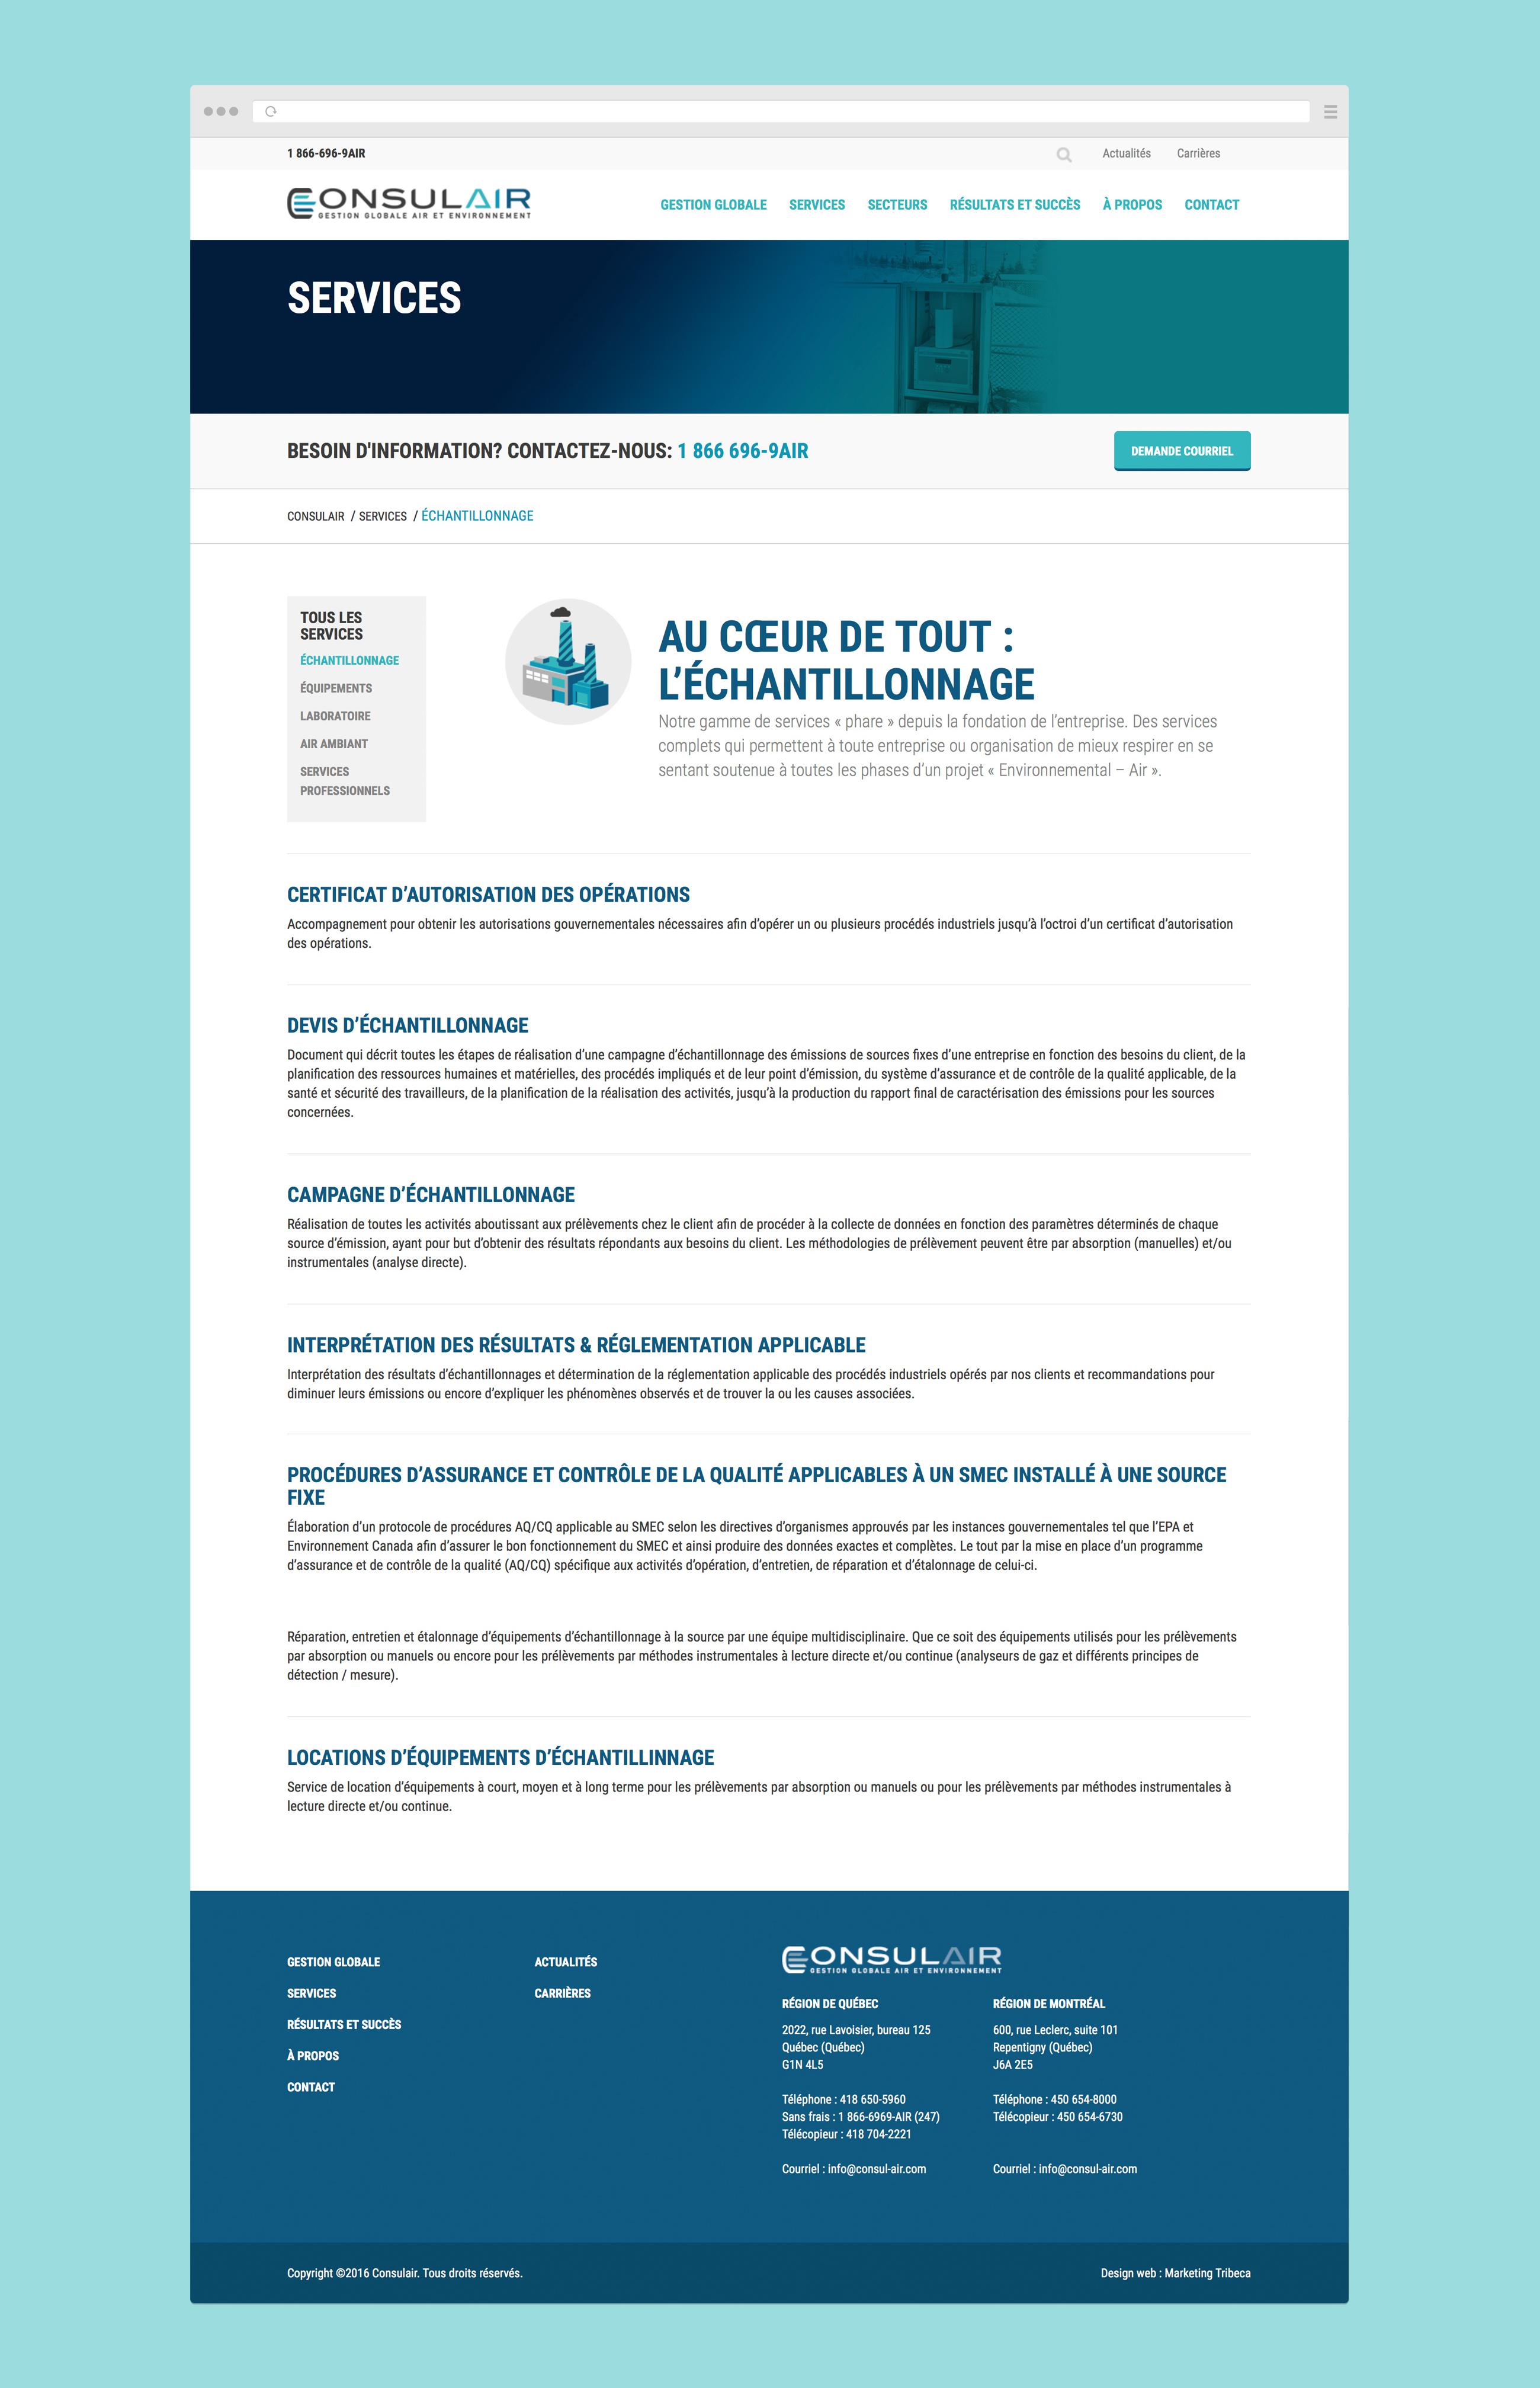 Consulair - site web